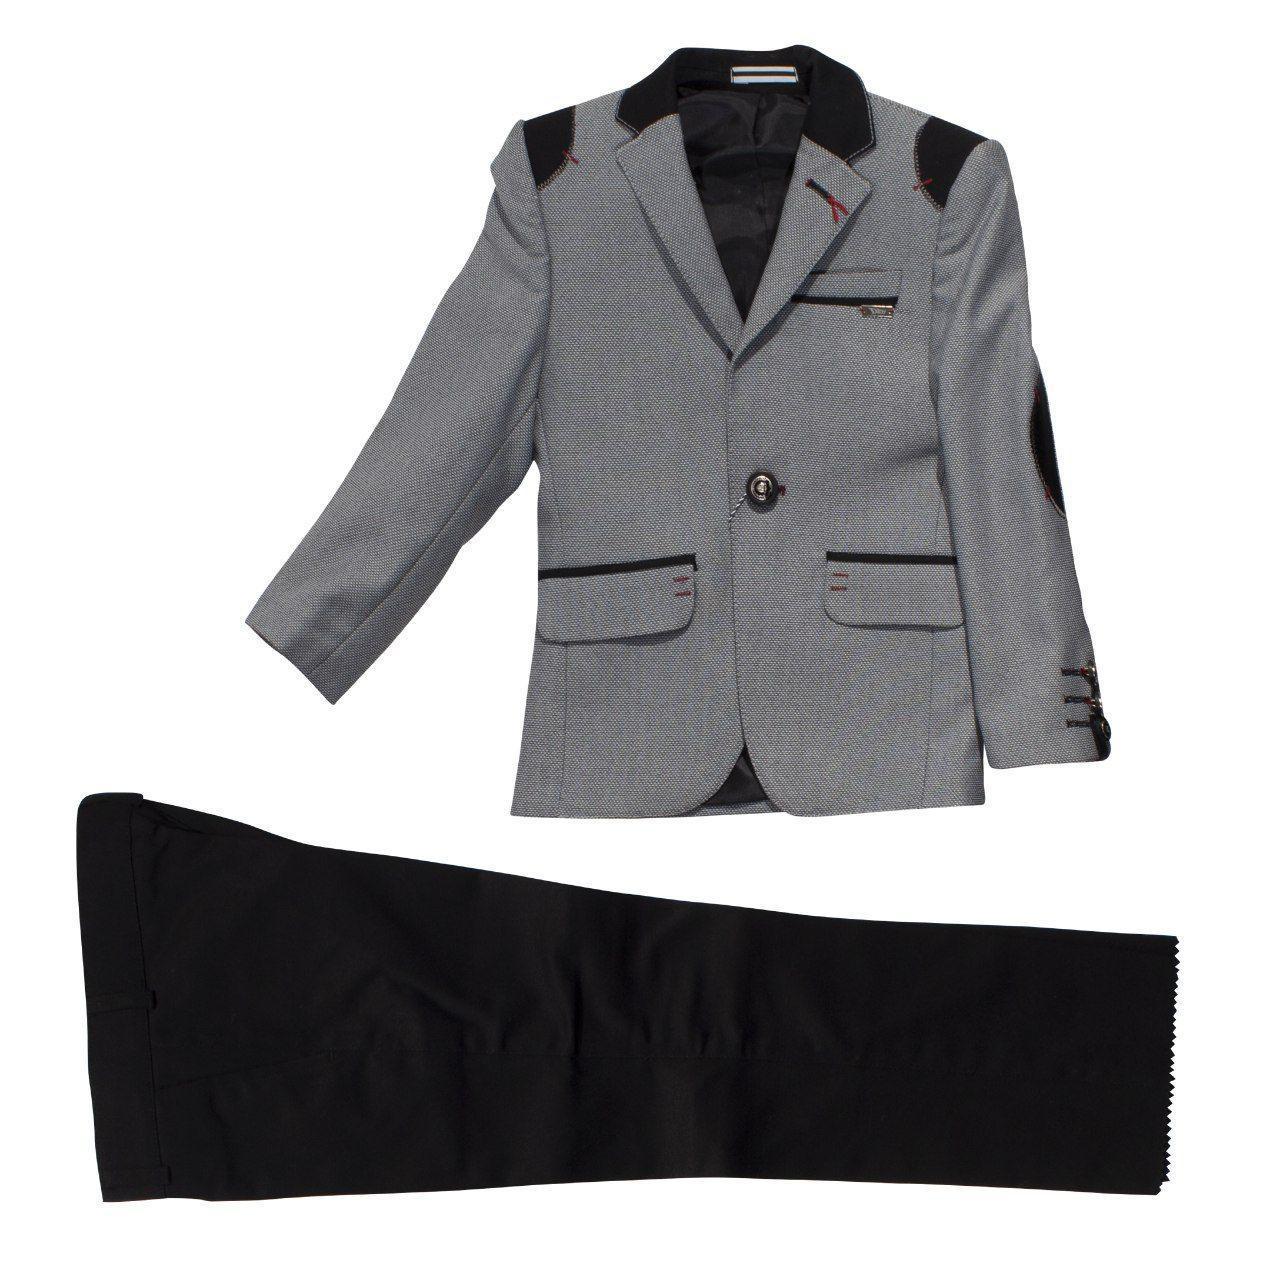 Сірий костюм для хлопчика, 92, 98, 104, 116 см